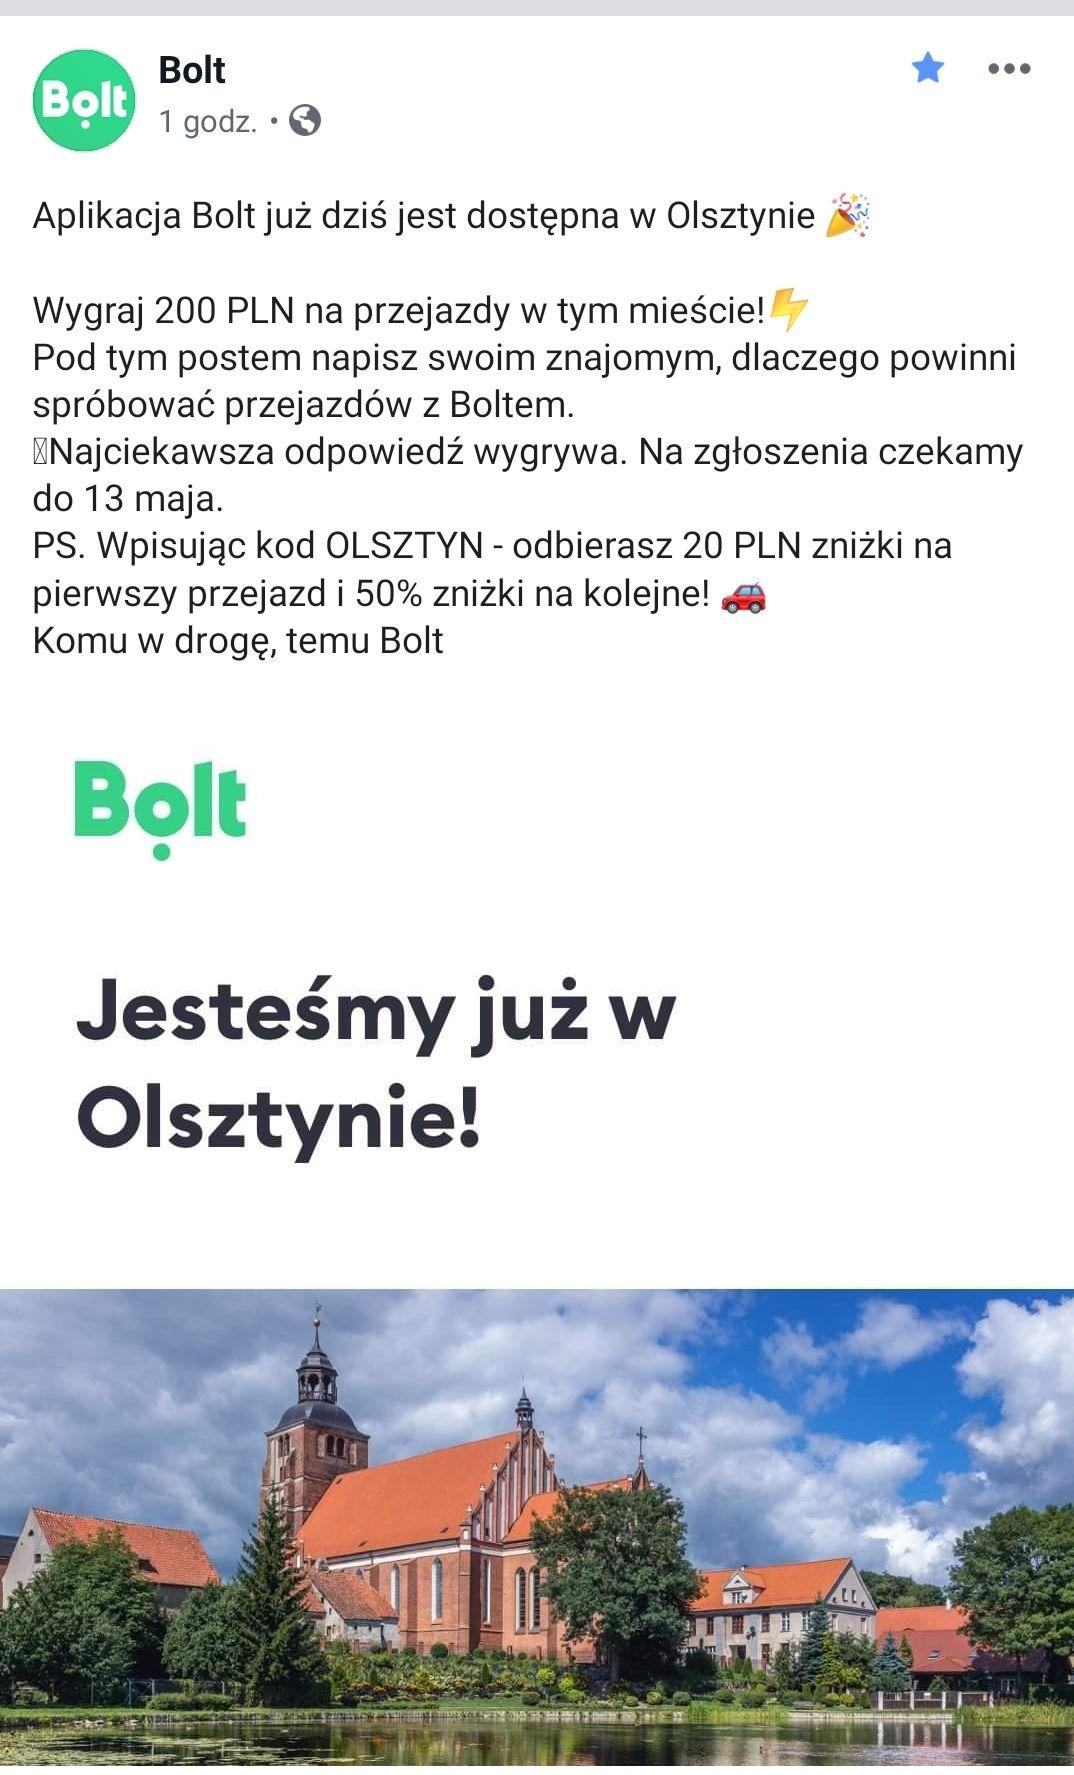 Bolt (dawniej Taxify) w Olsztynie i Kielcach! -20ZŁ na pierwszy przejazd i -50% na kolejne